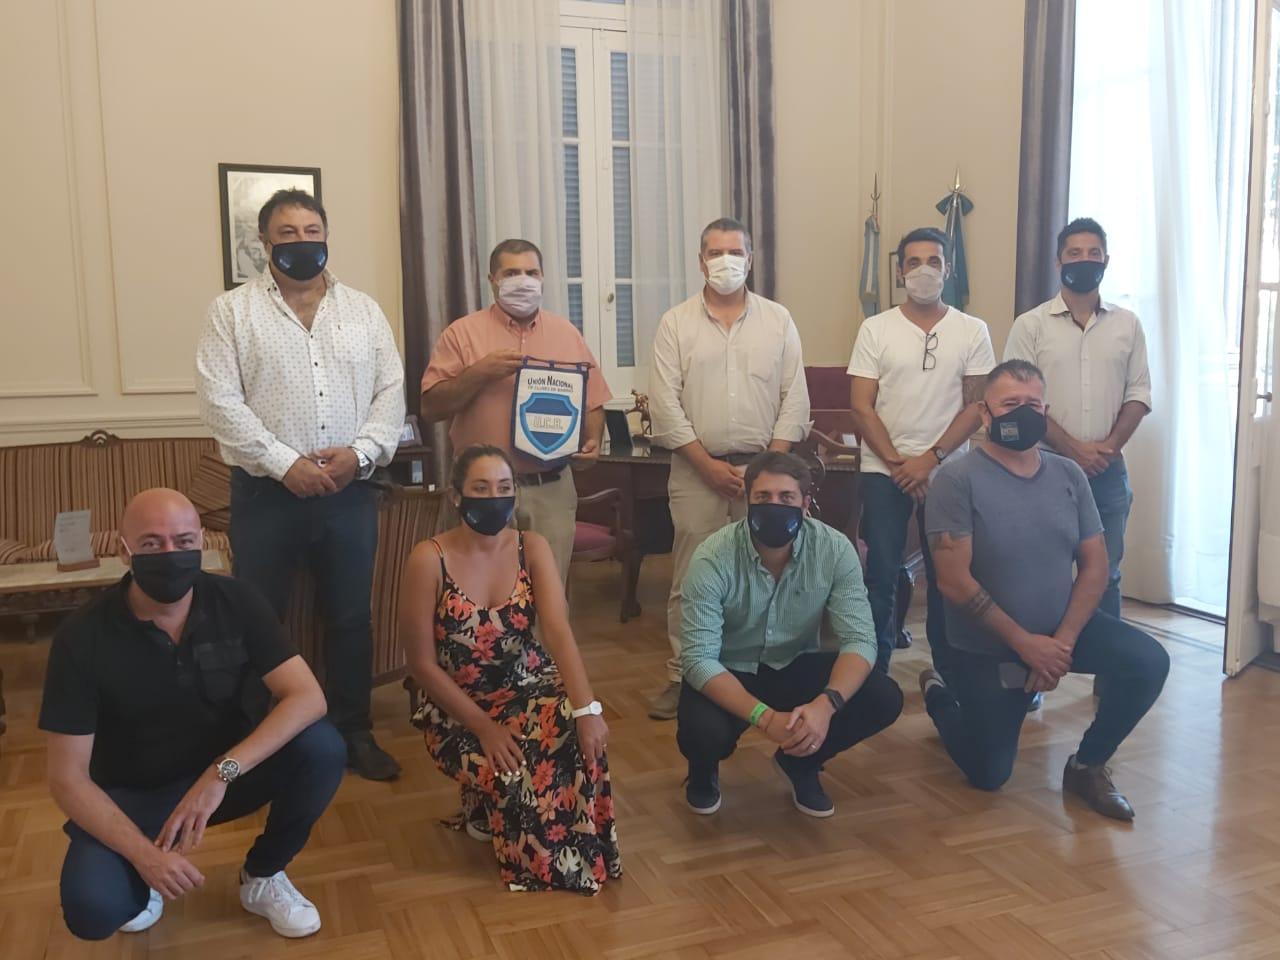 El municipio recibió al Senador Provincial, Adrián Santarelli, y a la Pta. del HCD de Lomas de Zamora y de la Unión Nacional de Clubes de Barrio Marina Lesci